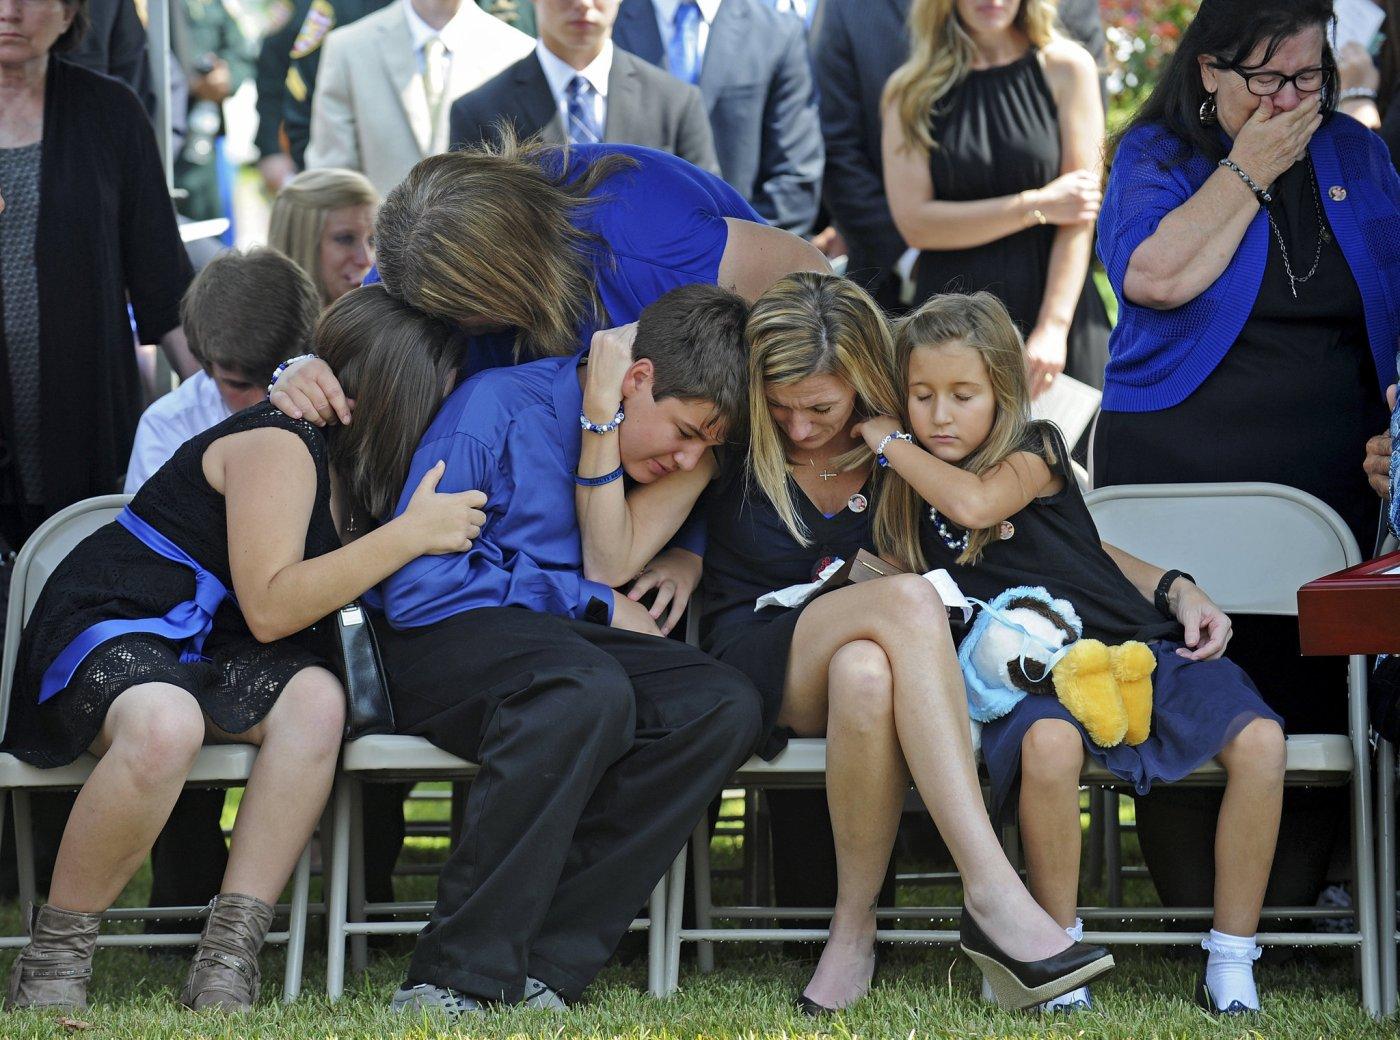 police-funerals.jpg